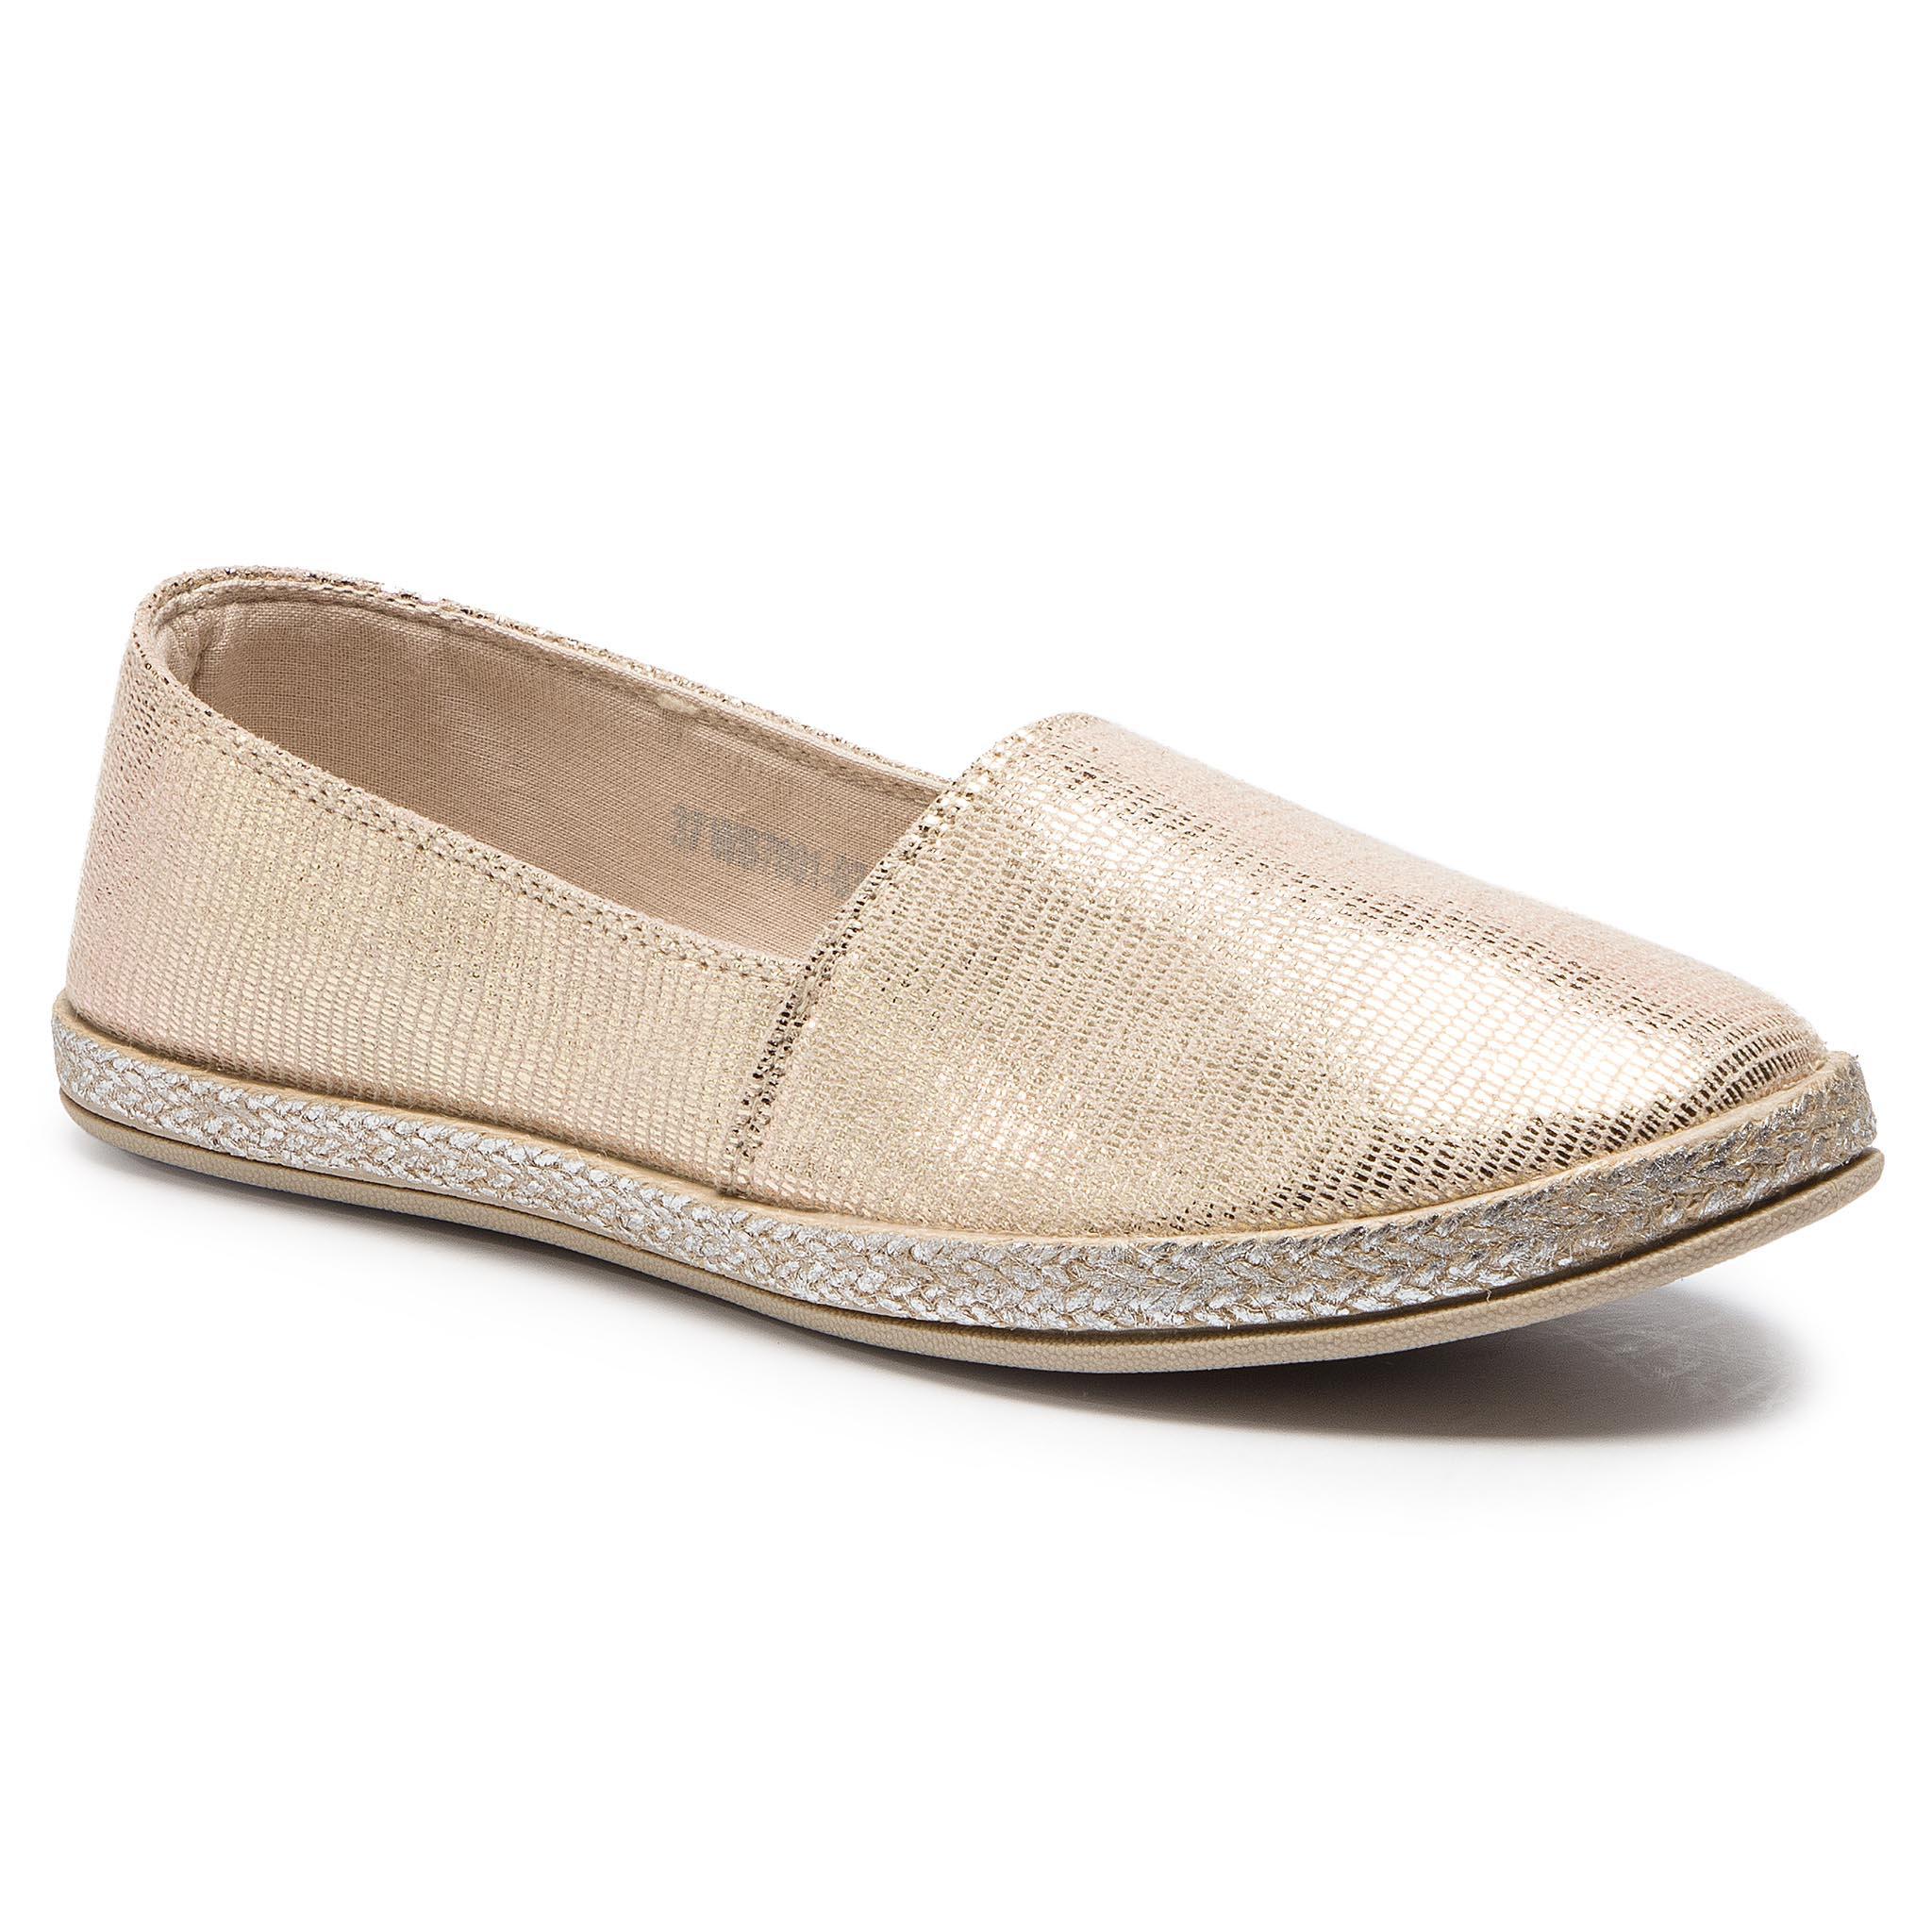 Sandały damskie JENNIFER 35 buty CCC espadryle